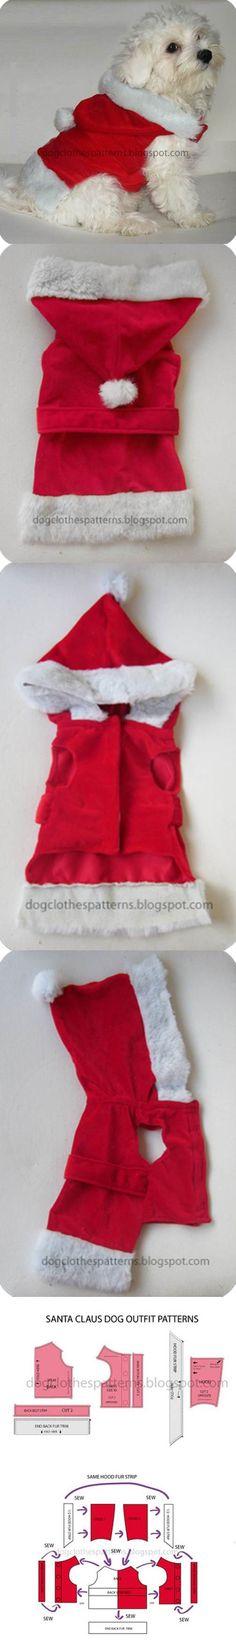 DIY Santa Claus Dog Outfit 2